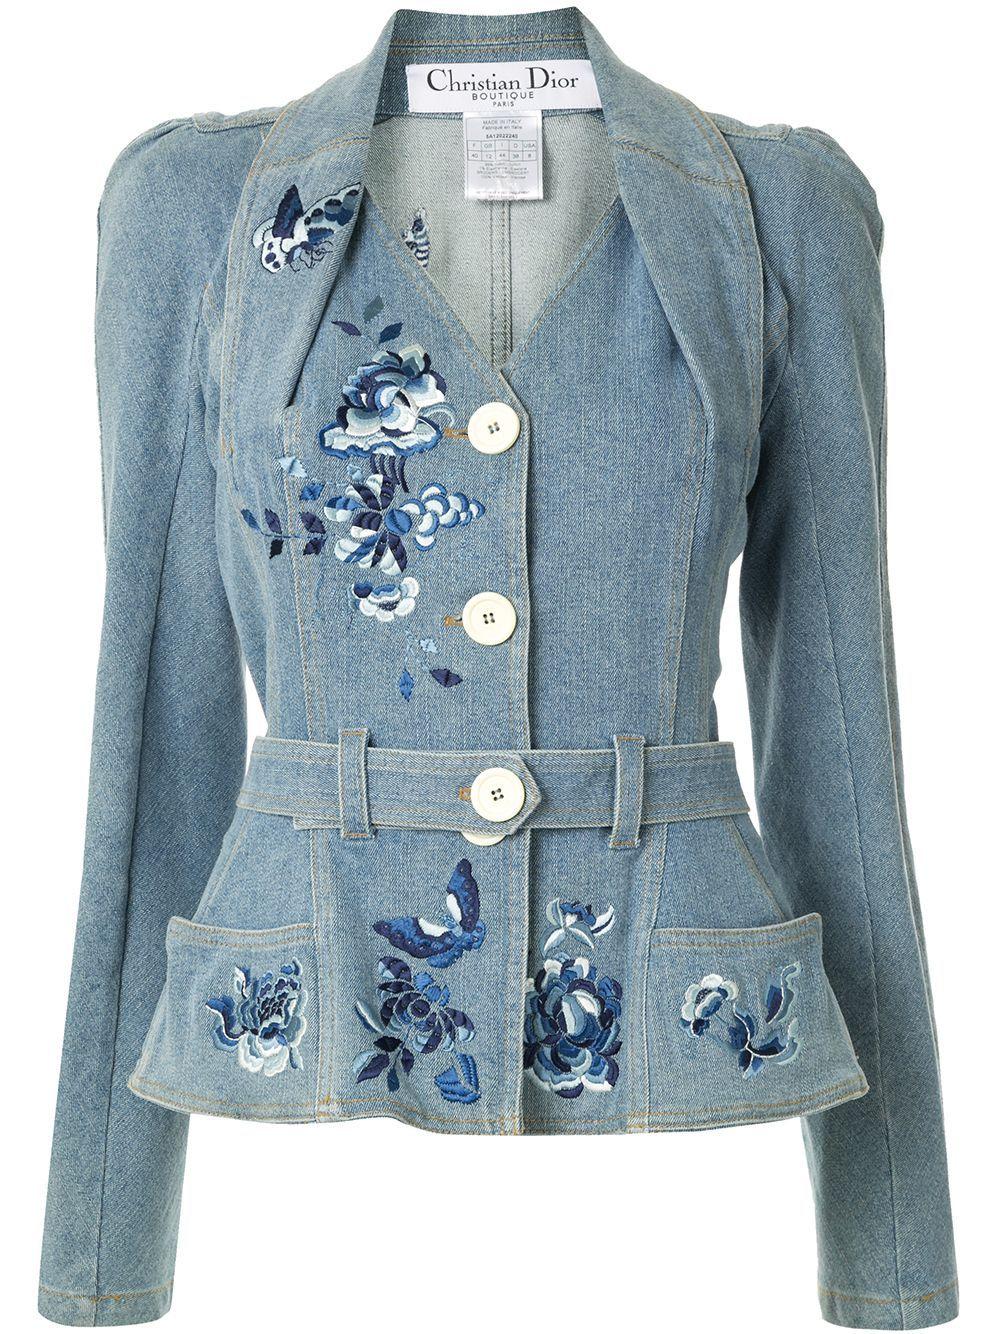 Christian Dior Pre Owned Power Shoulder Denim Jacket Farfetch Vintage Denim Jacket Vintage Jacket Embroidered Denim Jacket [ 1334 x 1000 Pixel ]